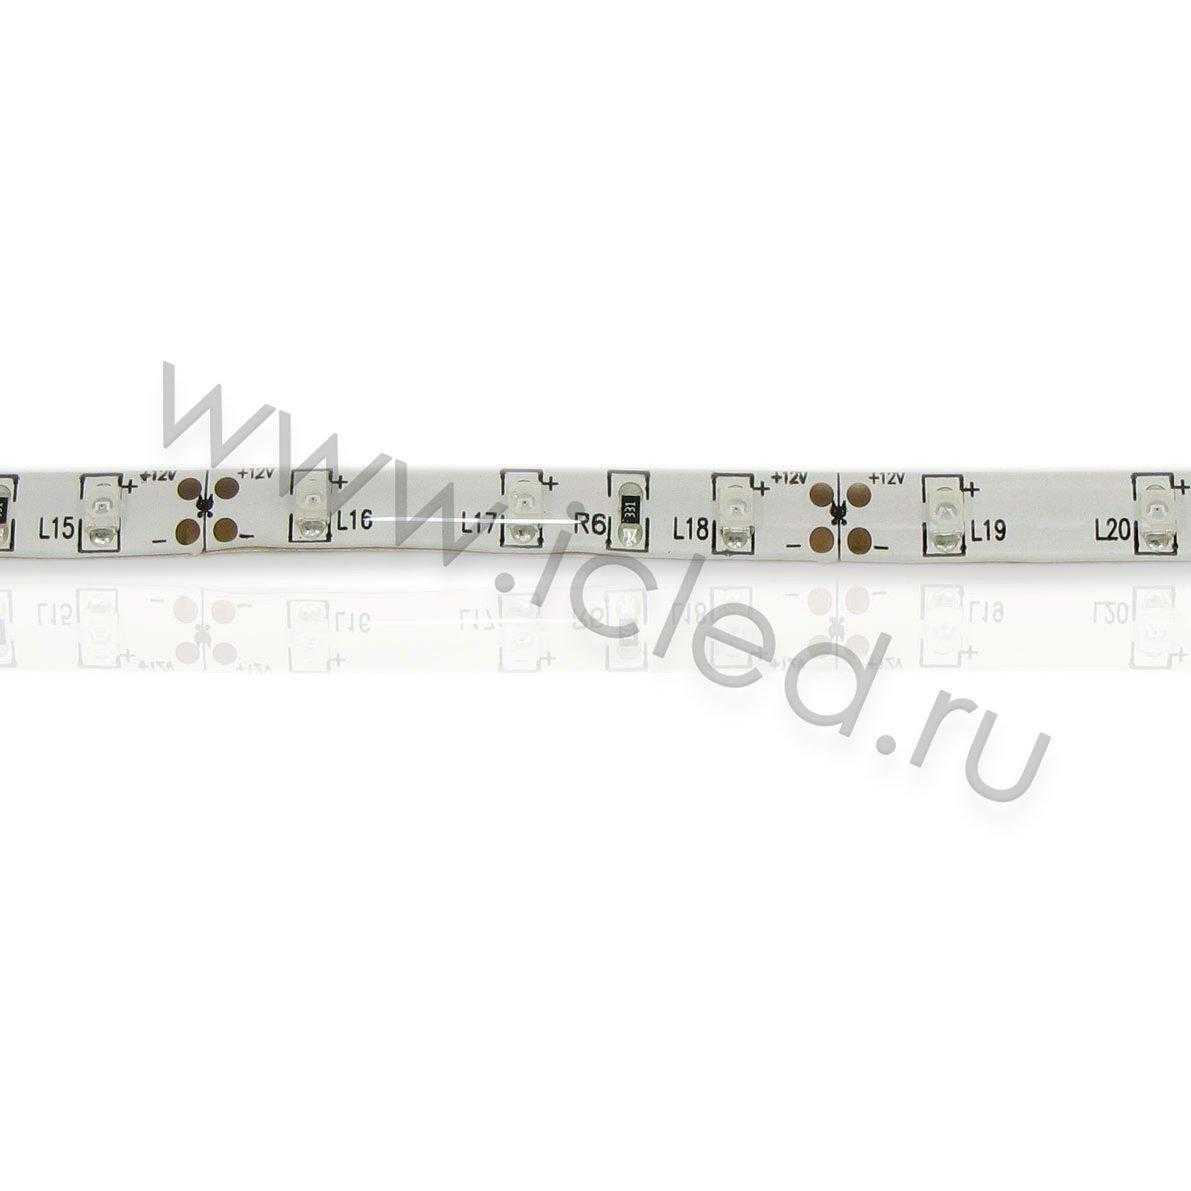 Светодиодная лента Class B, 3528, 60 led/m, Yellow, 12V, IP65